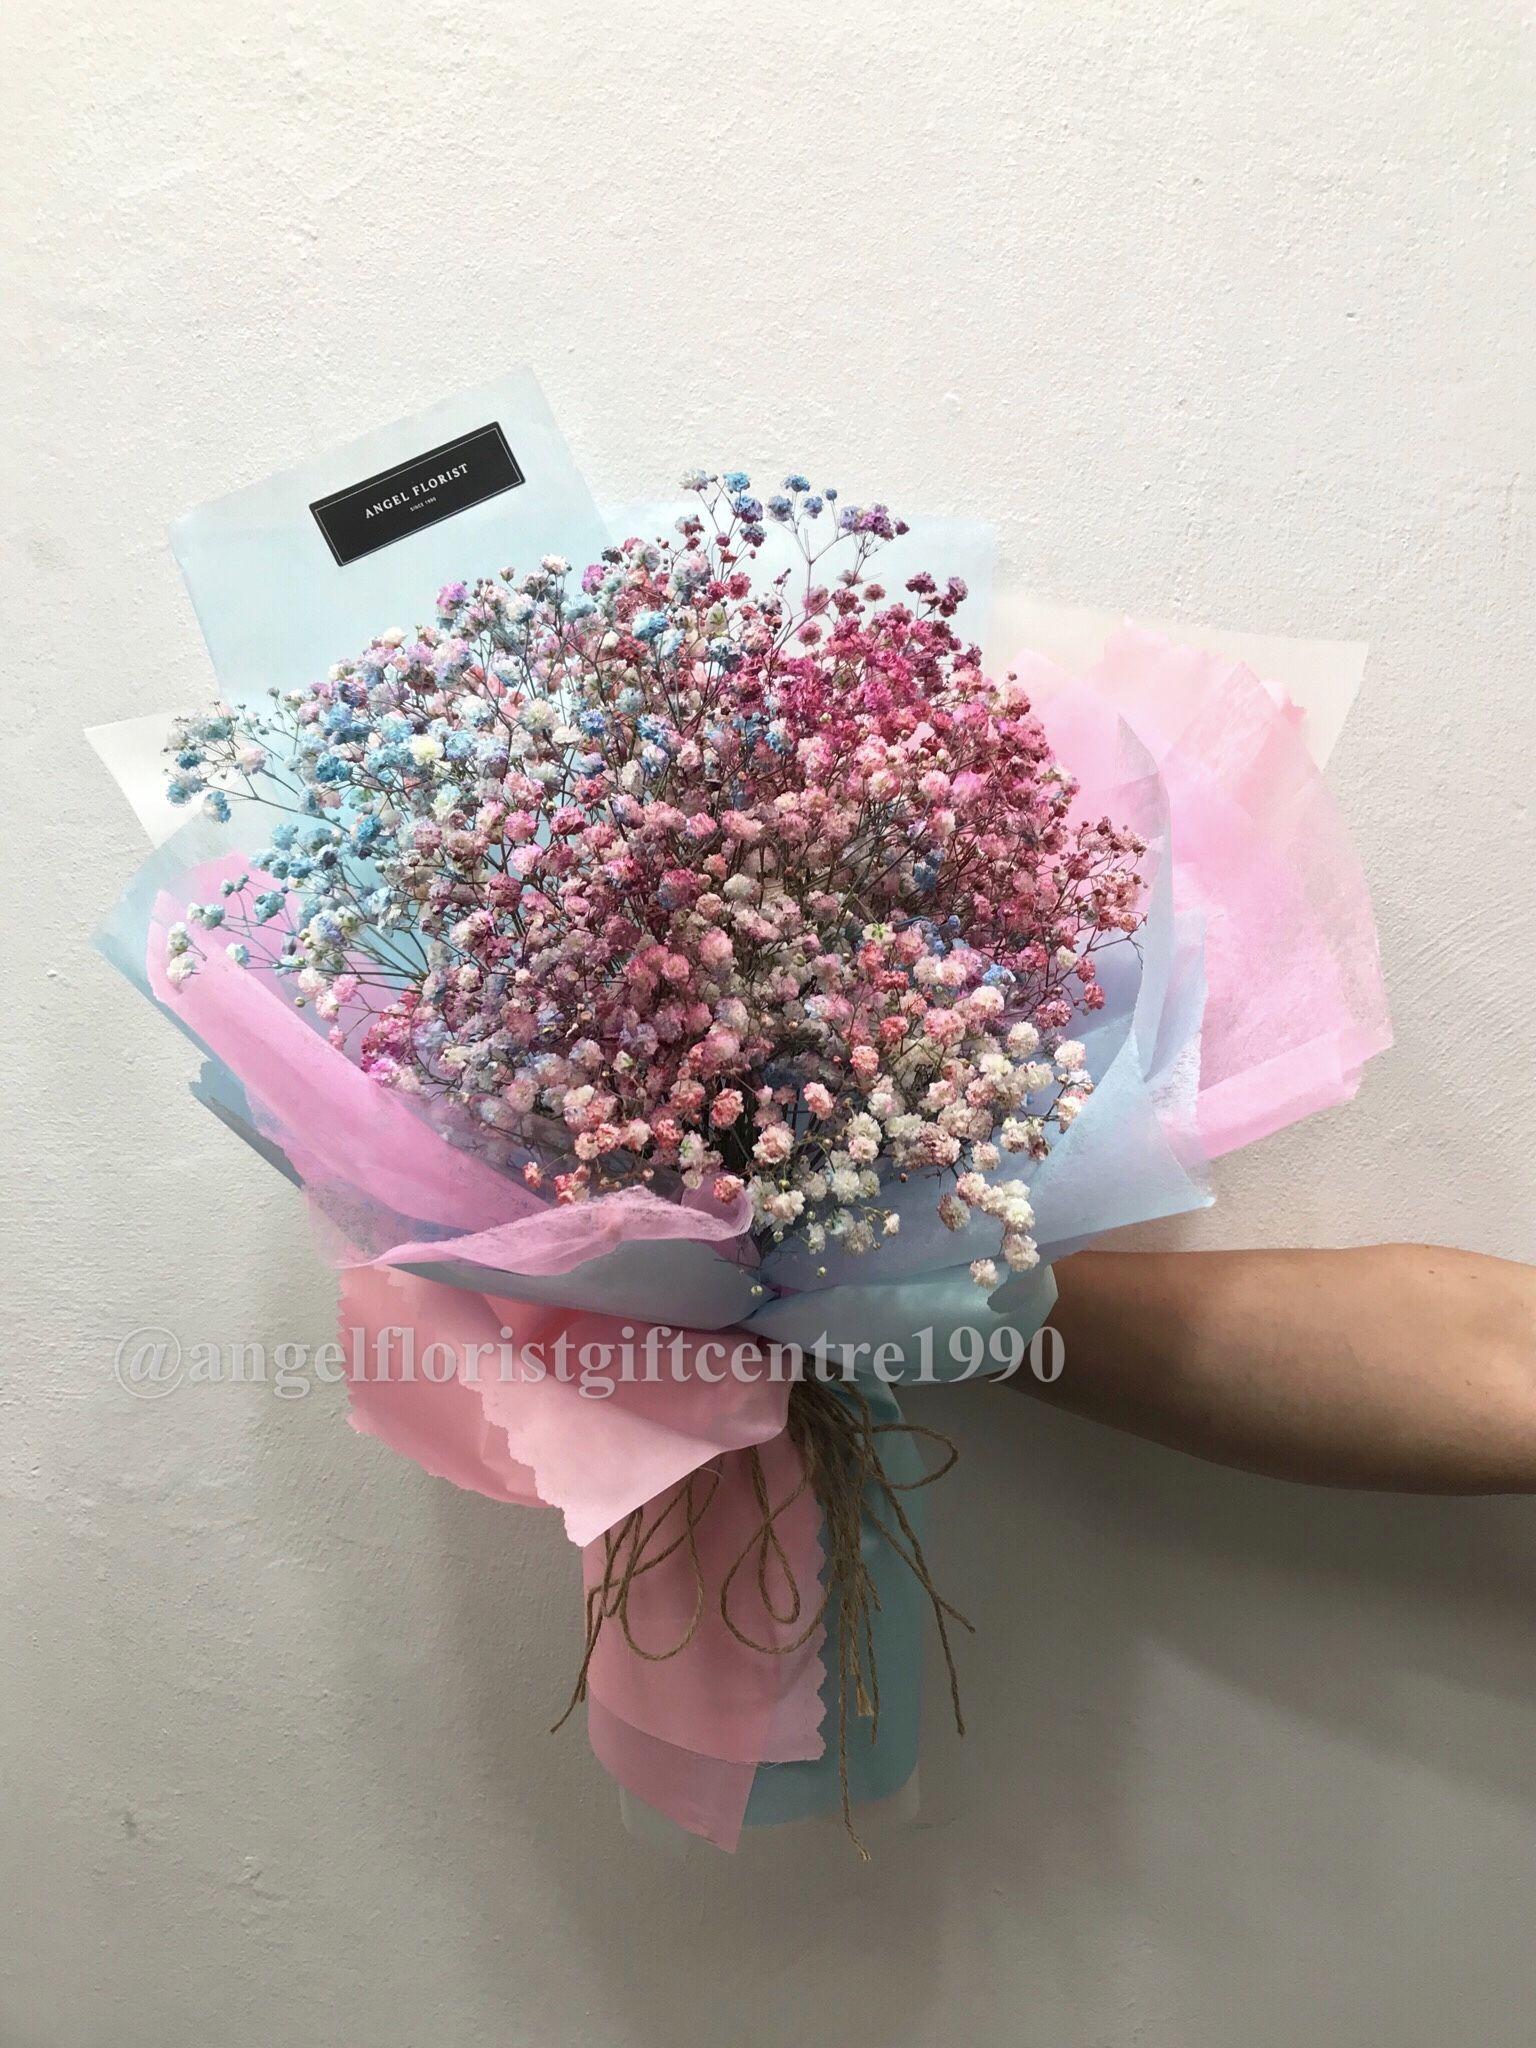 Ah38 Rm 200 S Rm 500 M Rm 1000 L Dream Color Baby Breath Bouquet Korea Style Floristshop Flowershop Kedaibunga 小天使花屋 Angelfl Bouquet Flowers